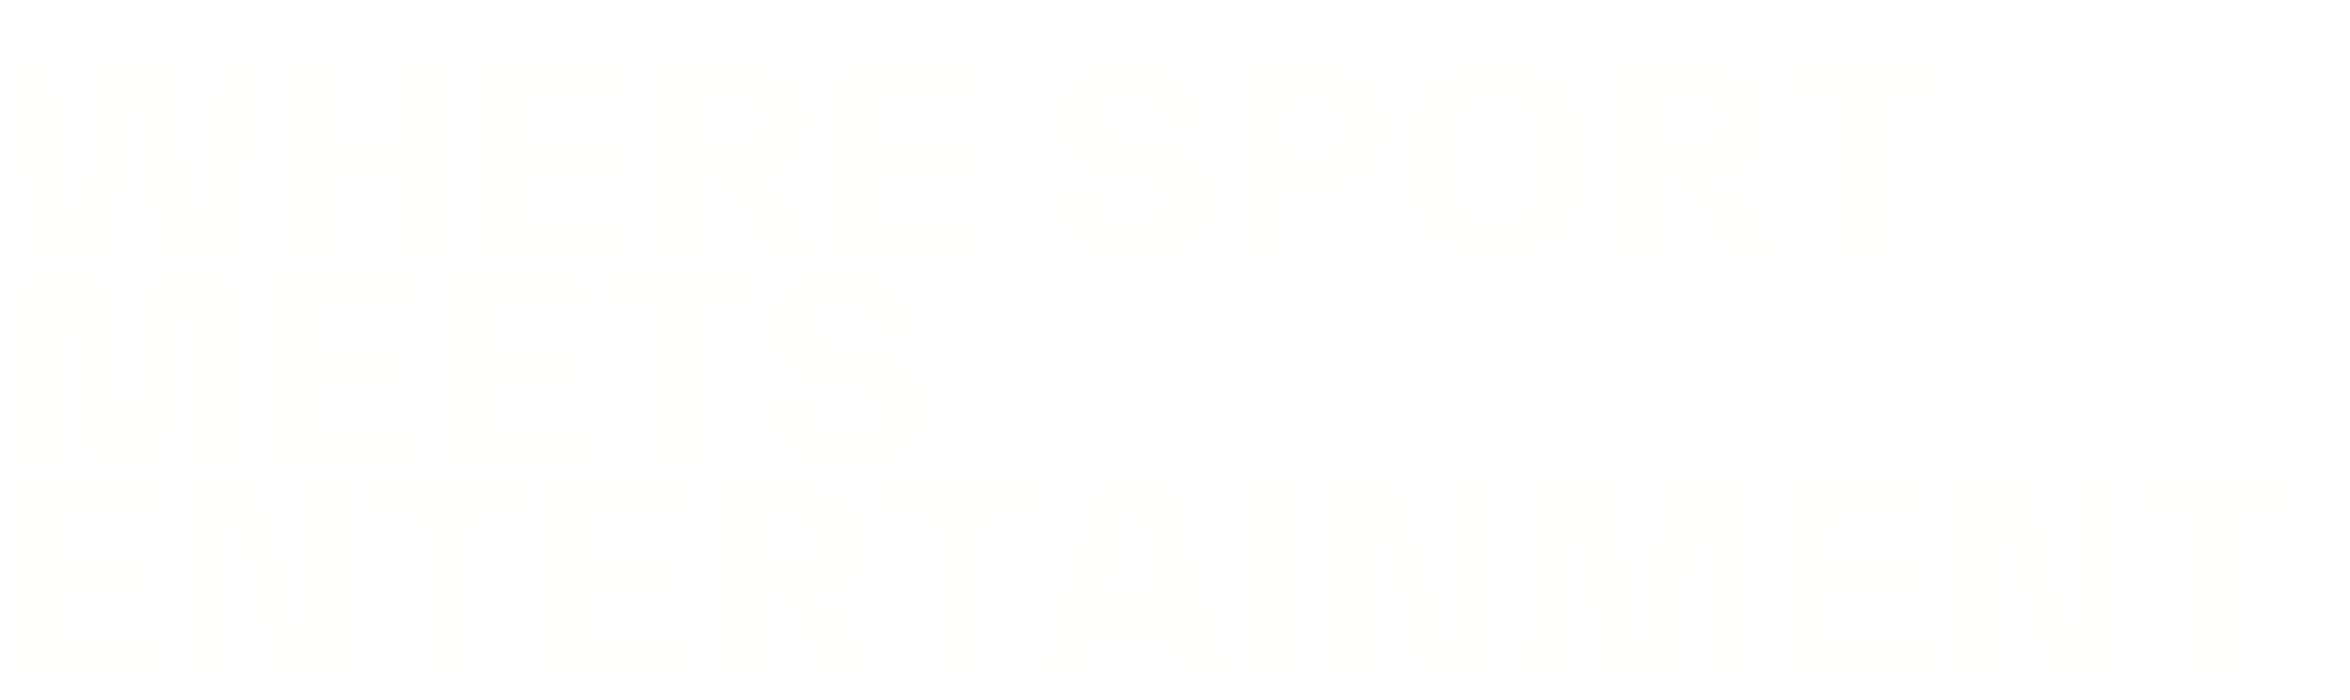 WCD17_Lyon_Review_BIGLETTERSHOME